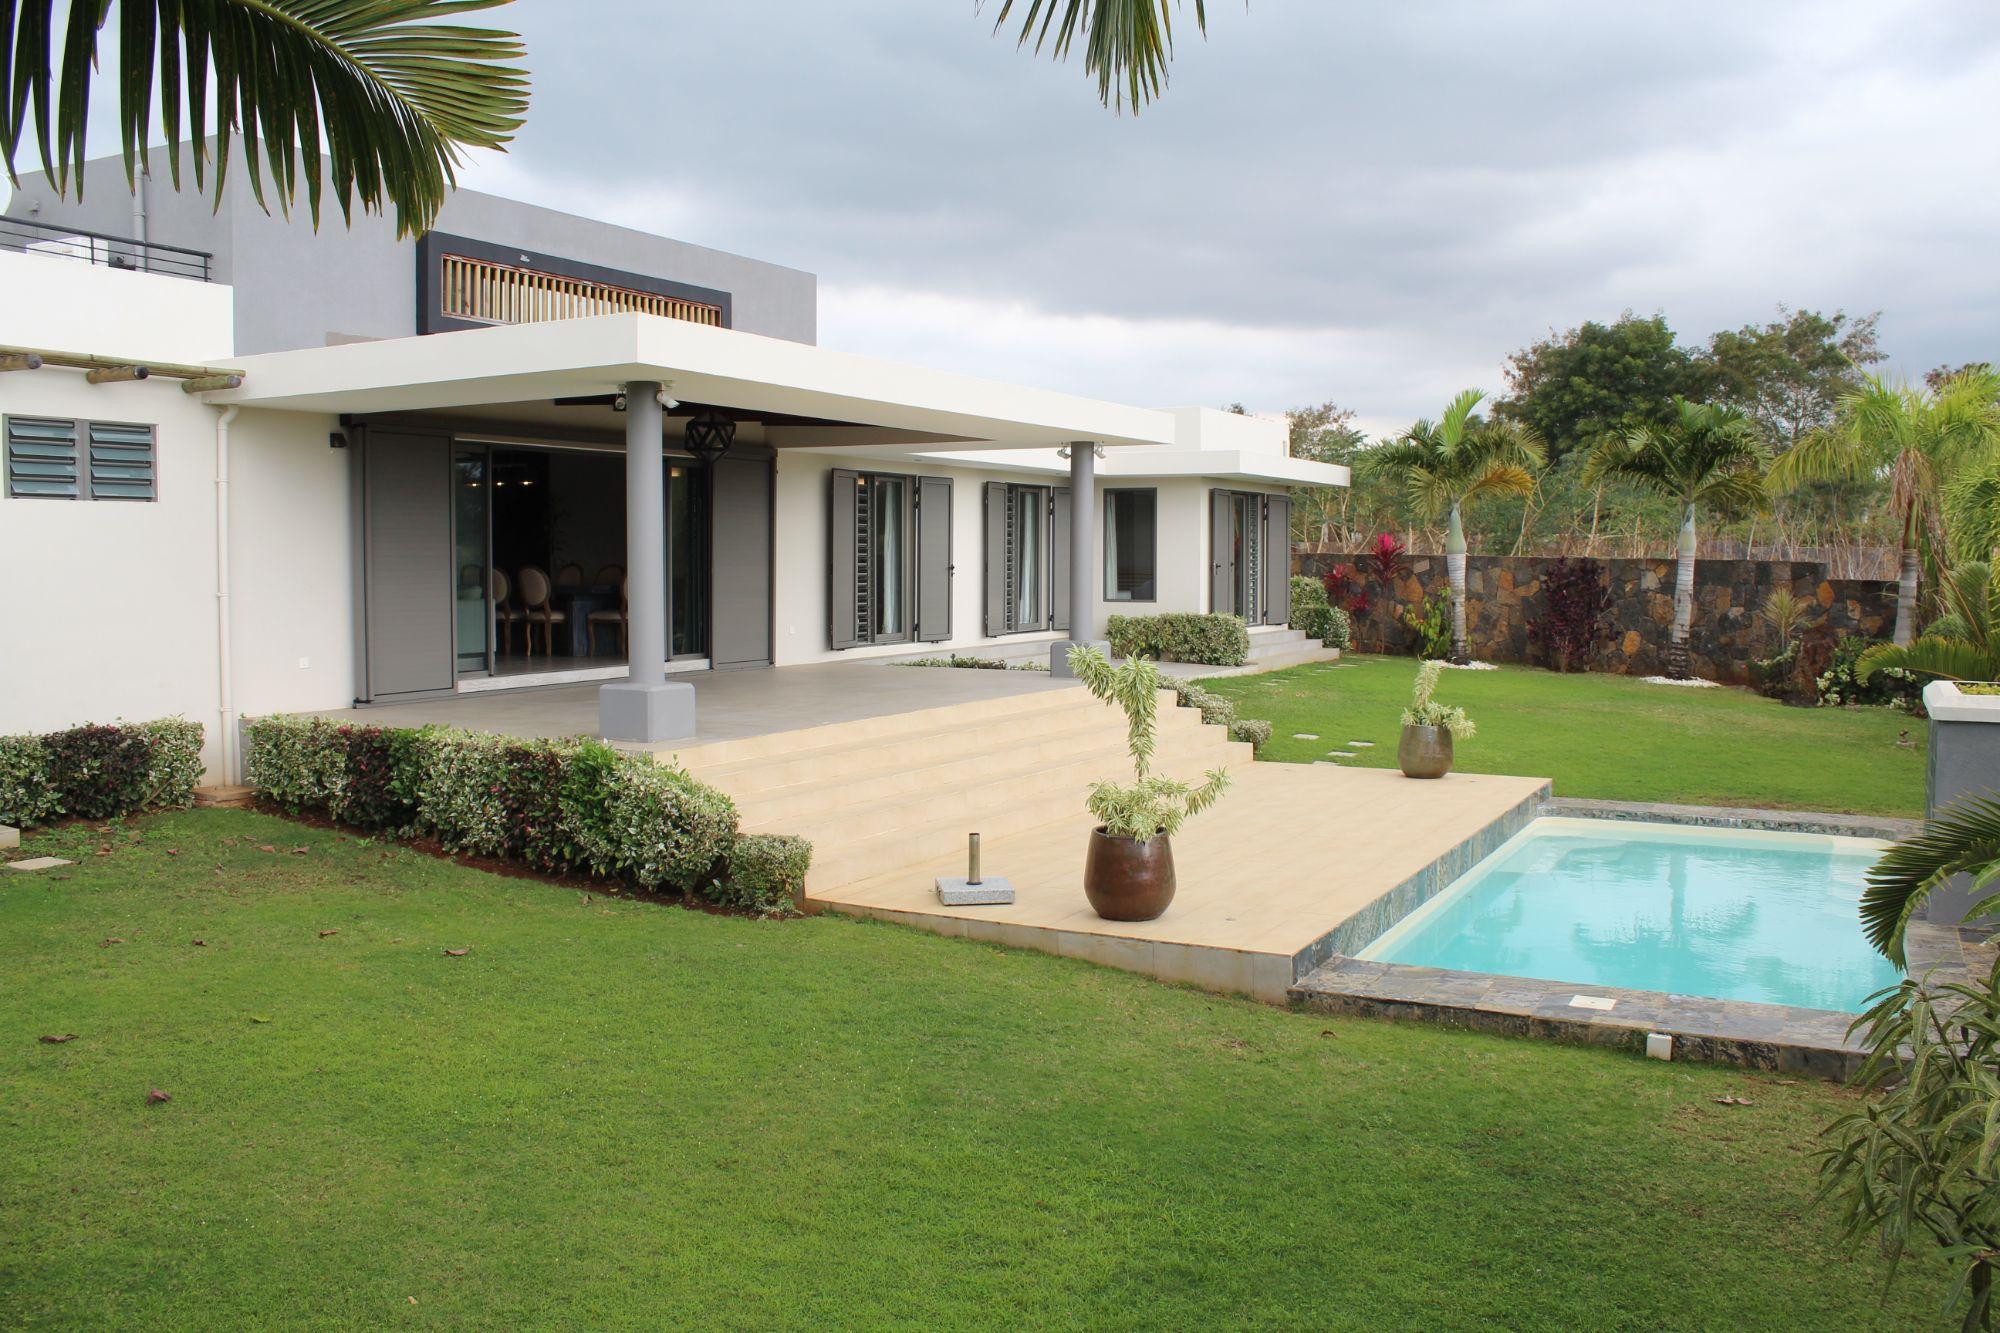 Magnifique villa contemporaine de plain-pied, meublée et équipée, de 212 m2 sur un terrain de 221 toises située dans le prestigieux lotissement résidentiel de Royal Park à Balaclava et sécurisé 24/7.